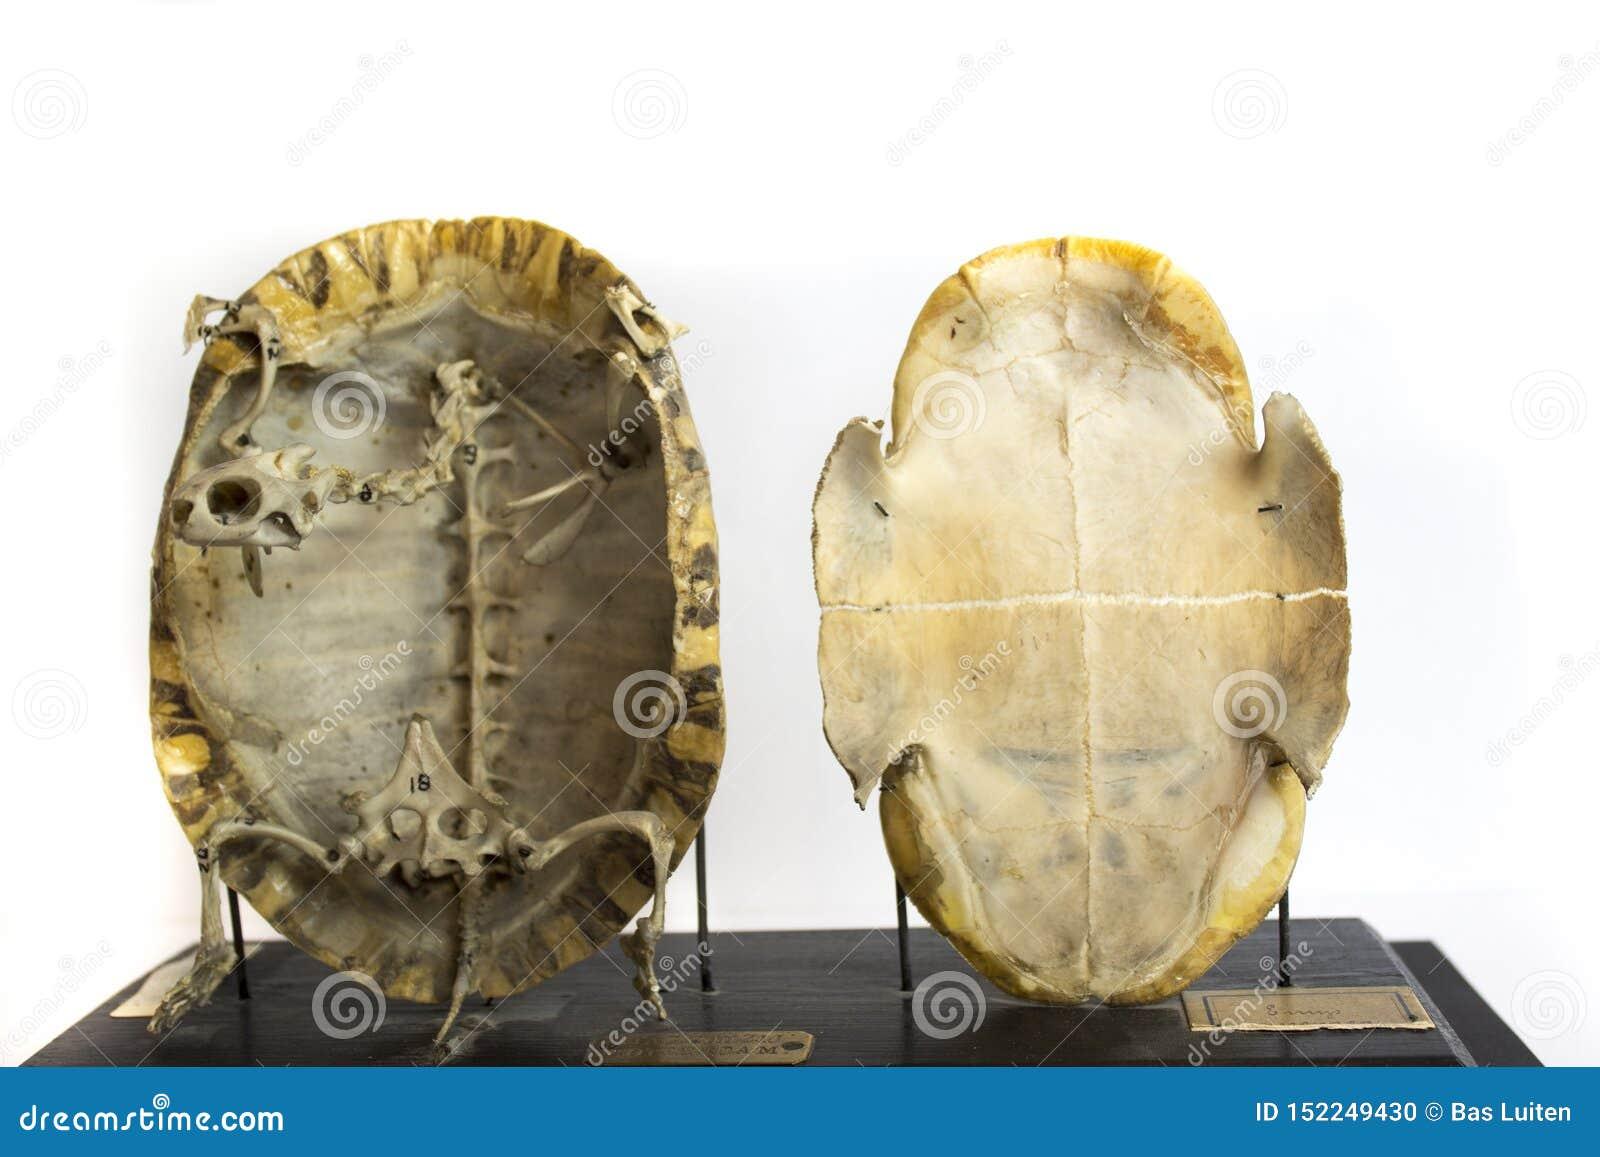 Skeleton of tortoise preserved